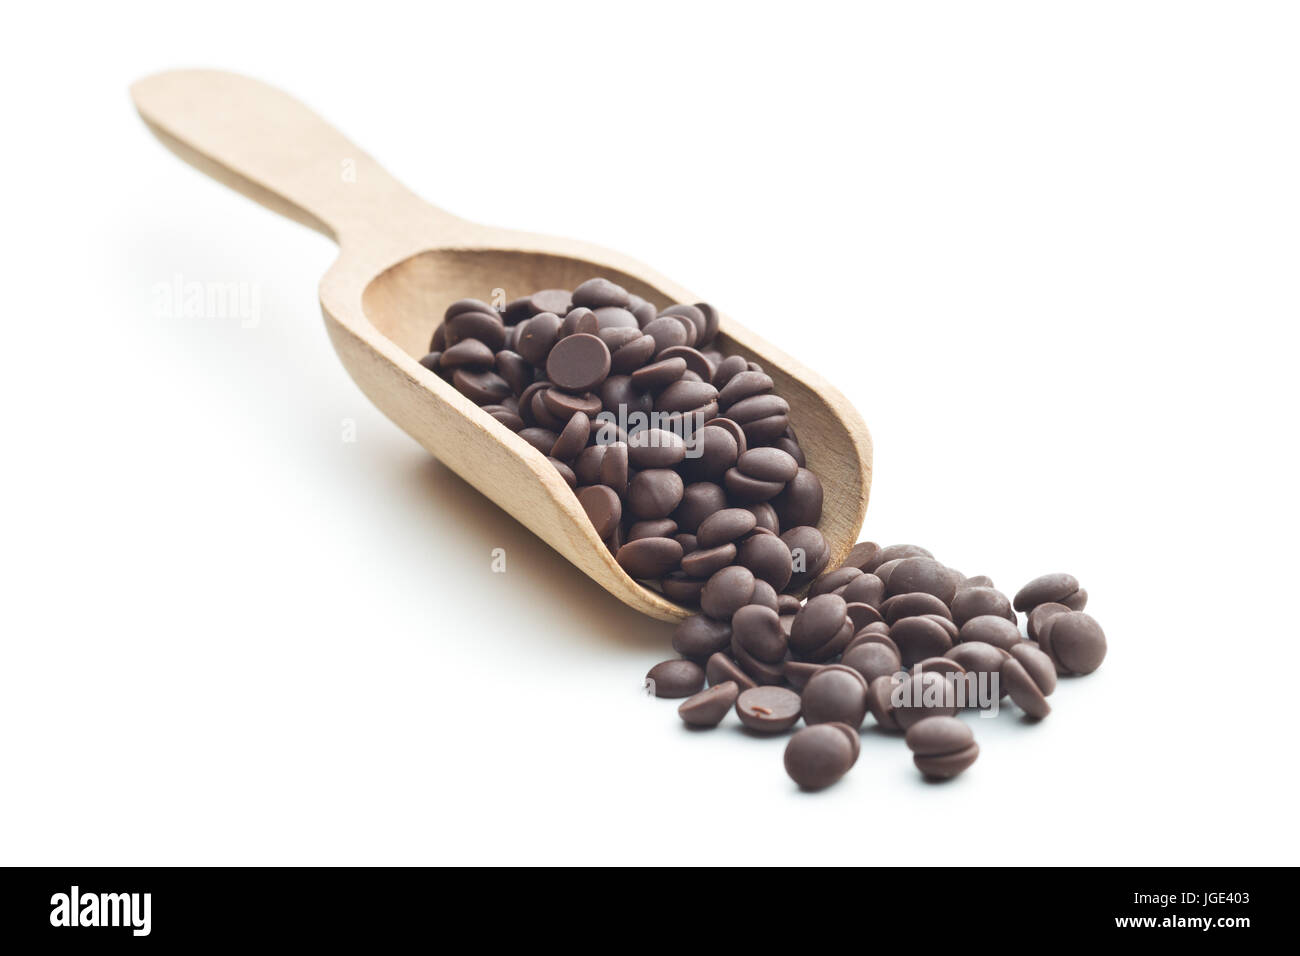 Gustosi bocconcini di cioccolato nel convogliatore di legno isolato su sfondo bianco. Immagini Stock